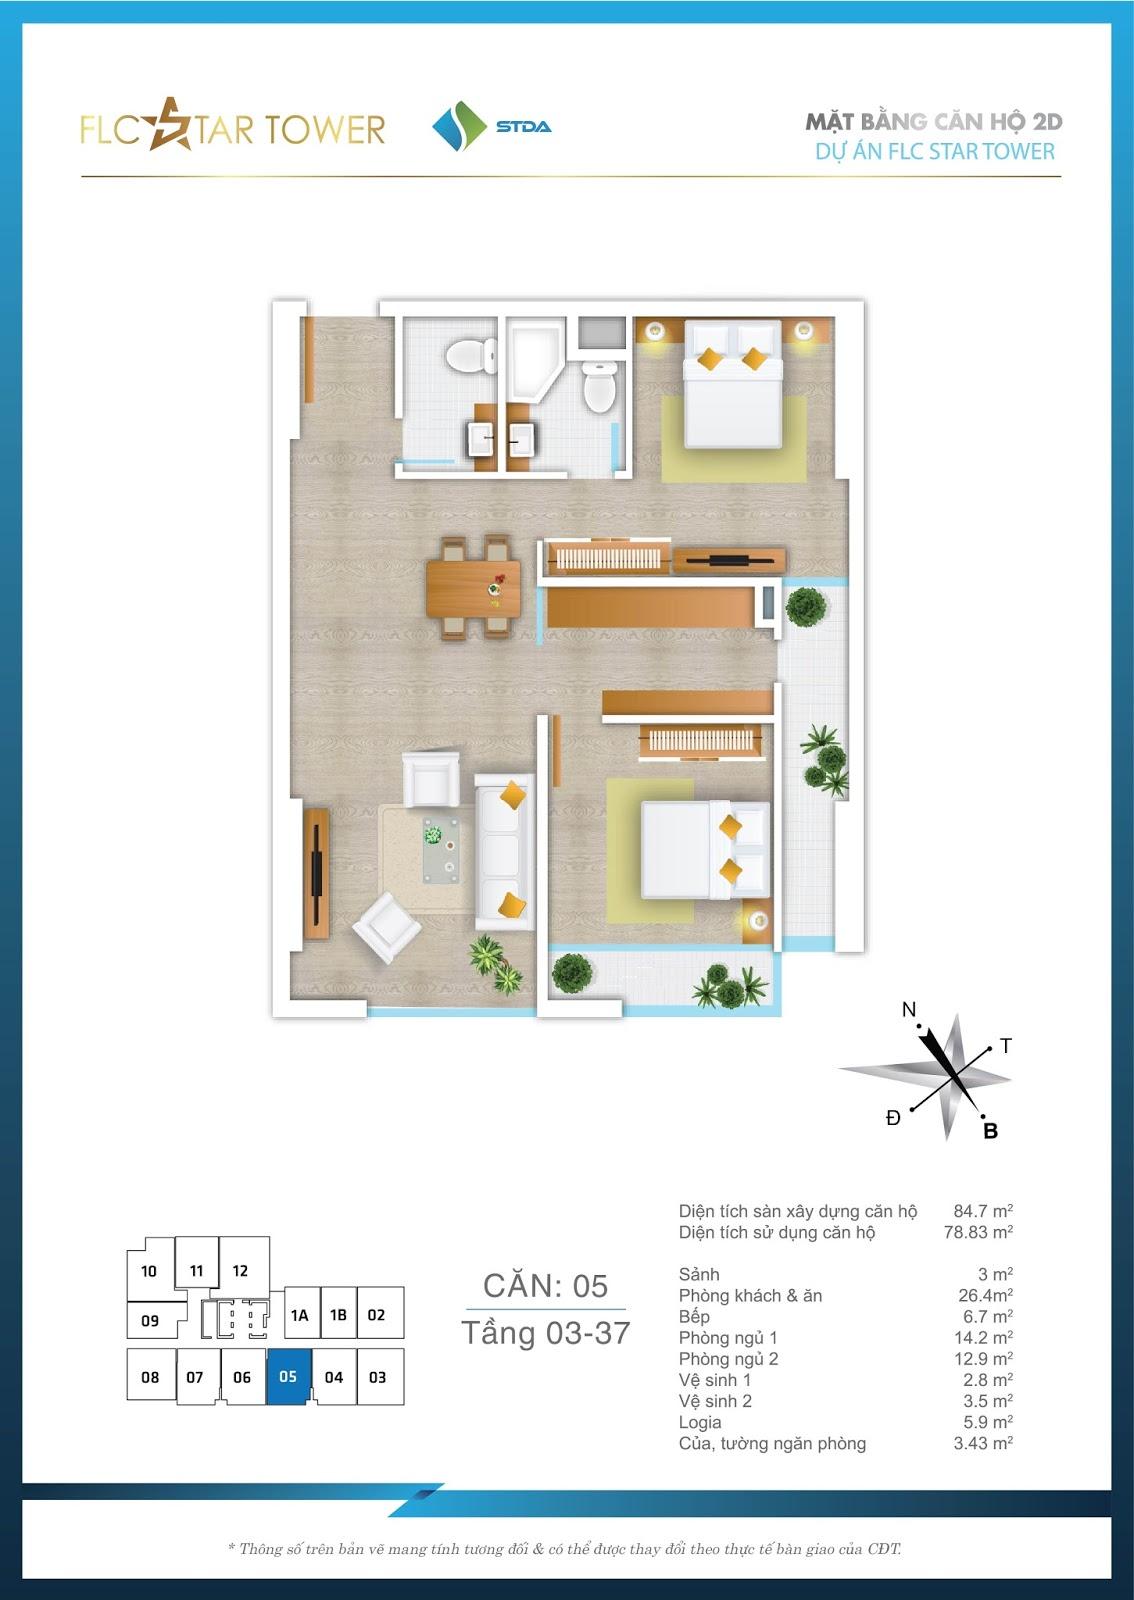 Thiết kế căn hộ 05 - Chung cư FLC Star Tower Hà Đông